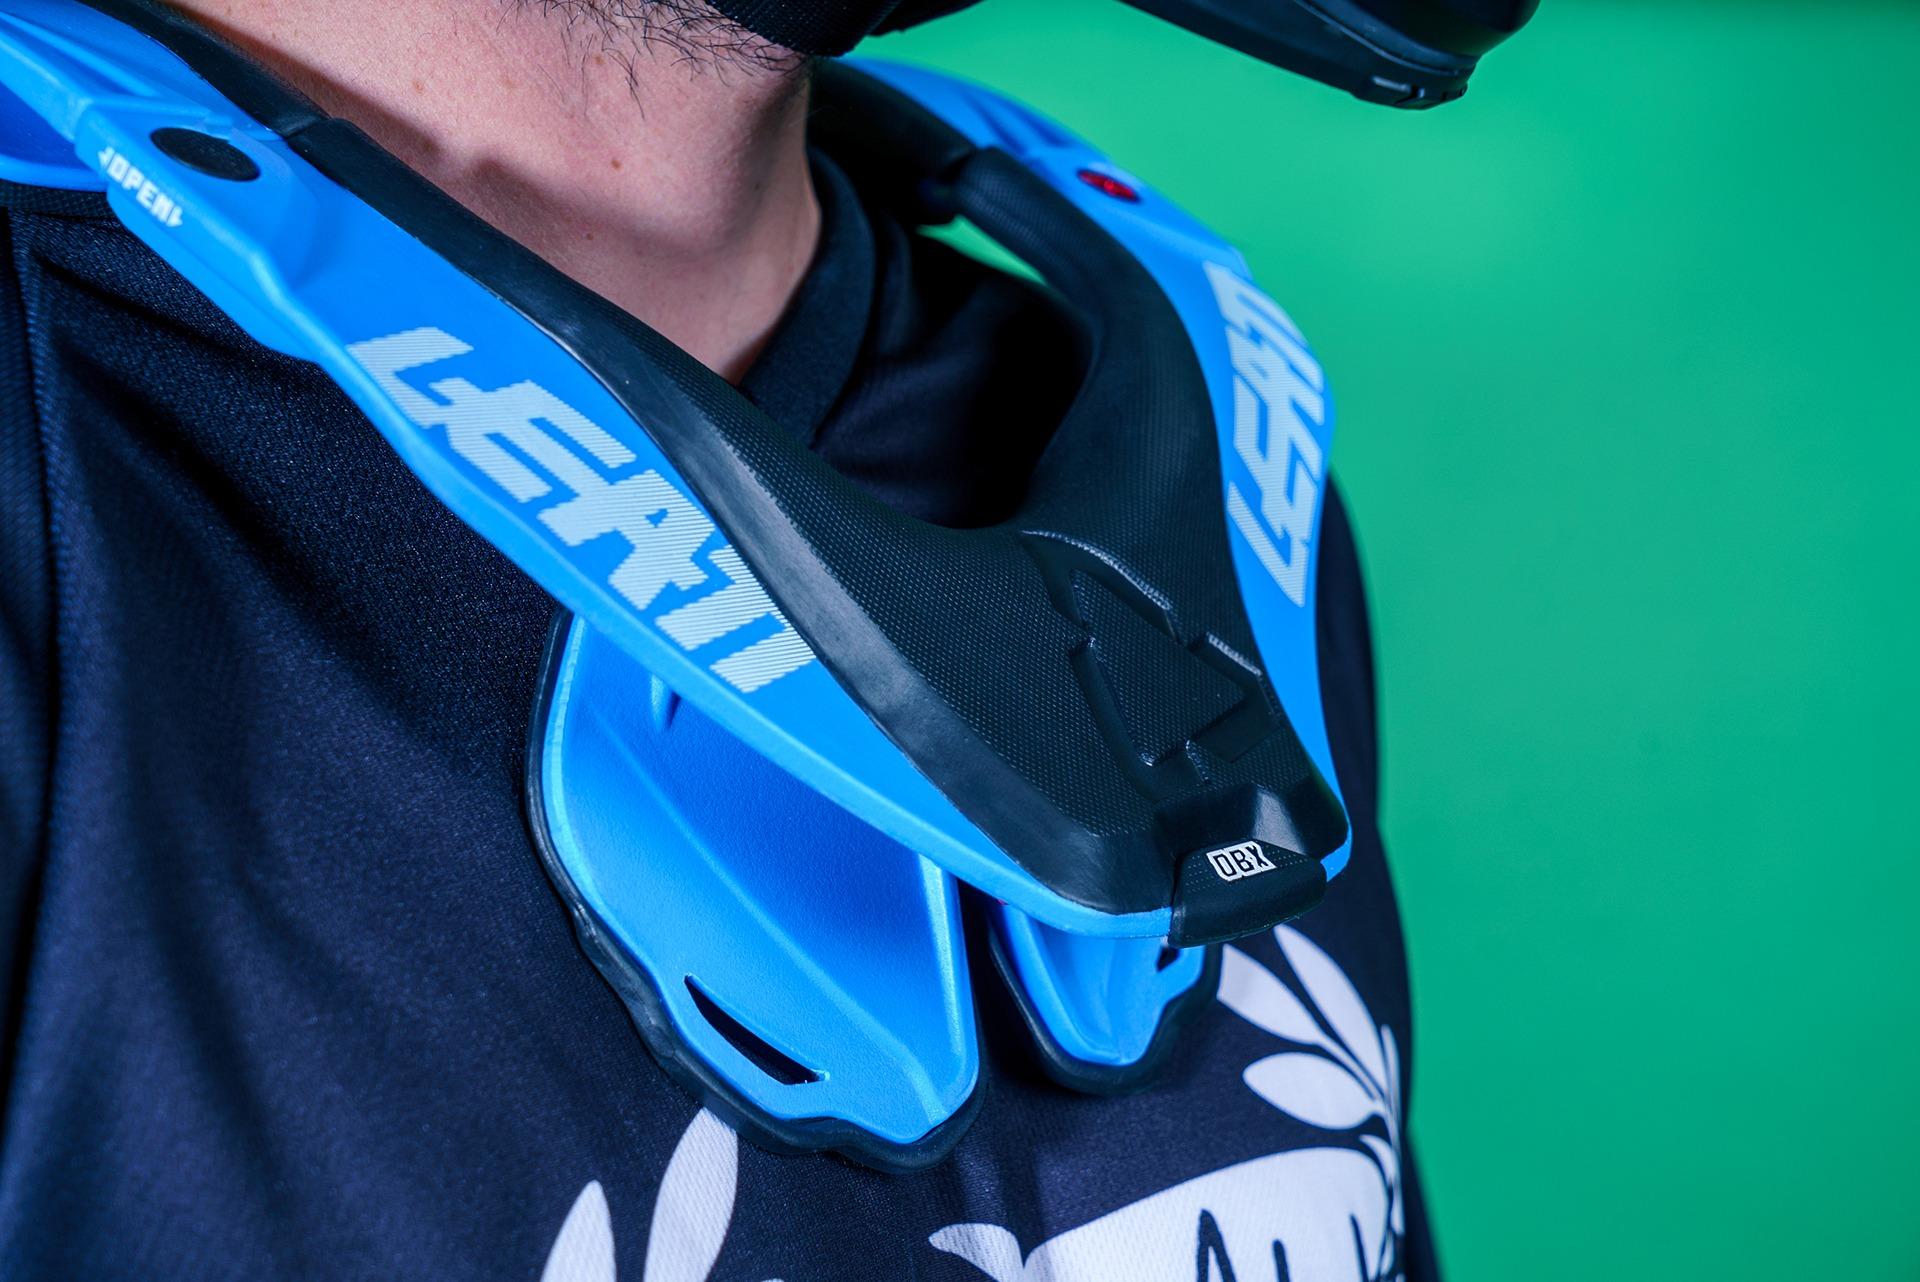 LEATT – GPX 5.5 NECK BRACE – REVIEW